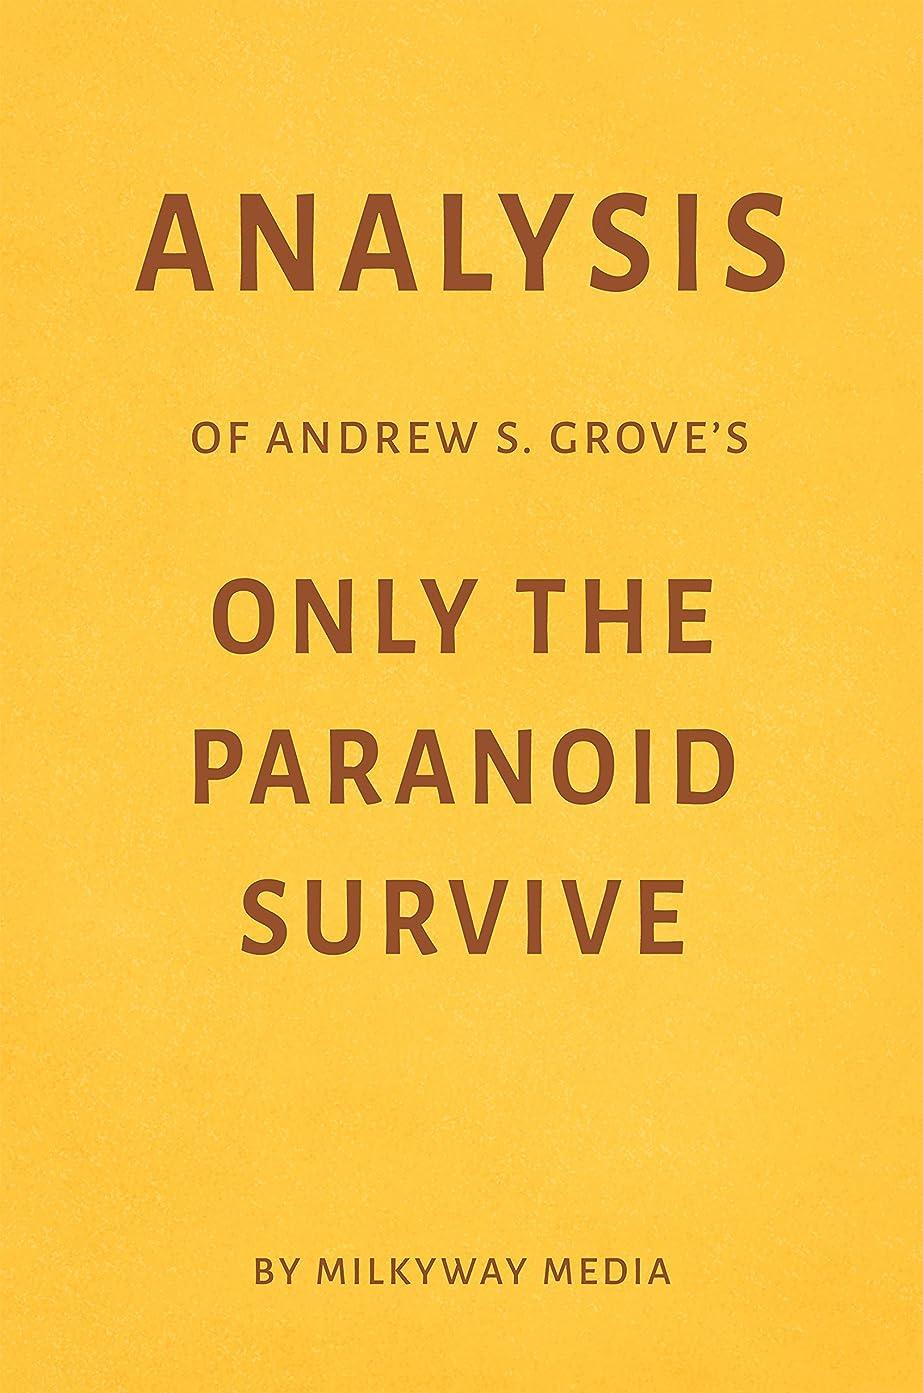 送る帰るトリプルAnalysis of Andrew S. Grove's Only the Paranoid Survive by Milkyway Media   (English Edition)